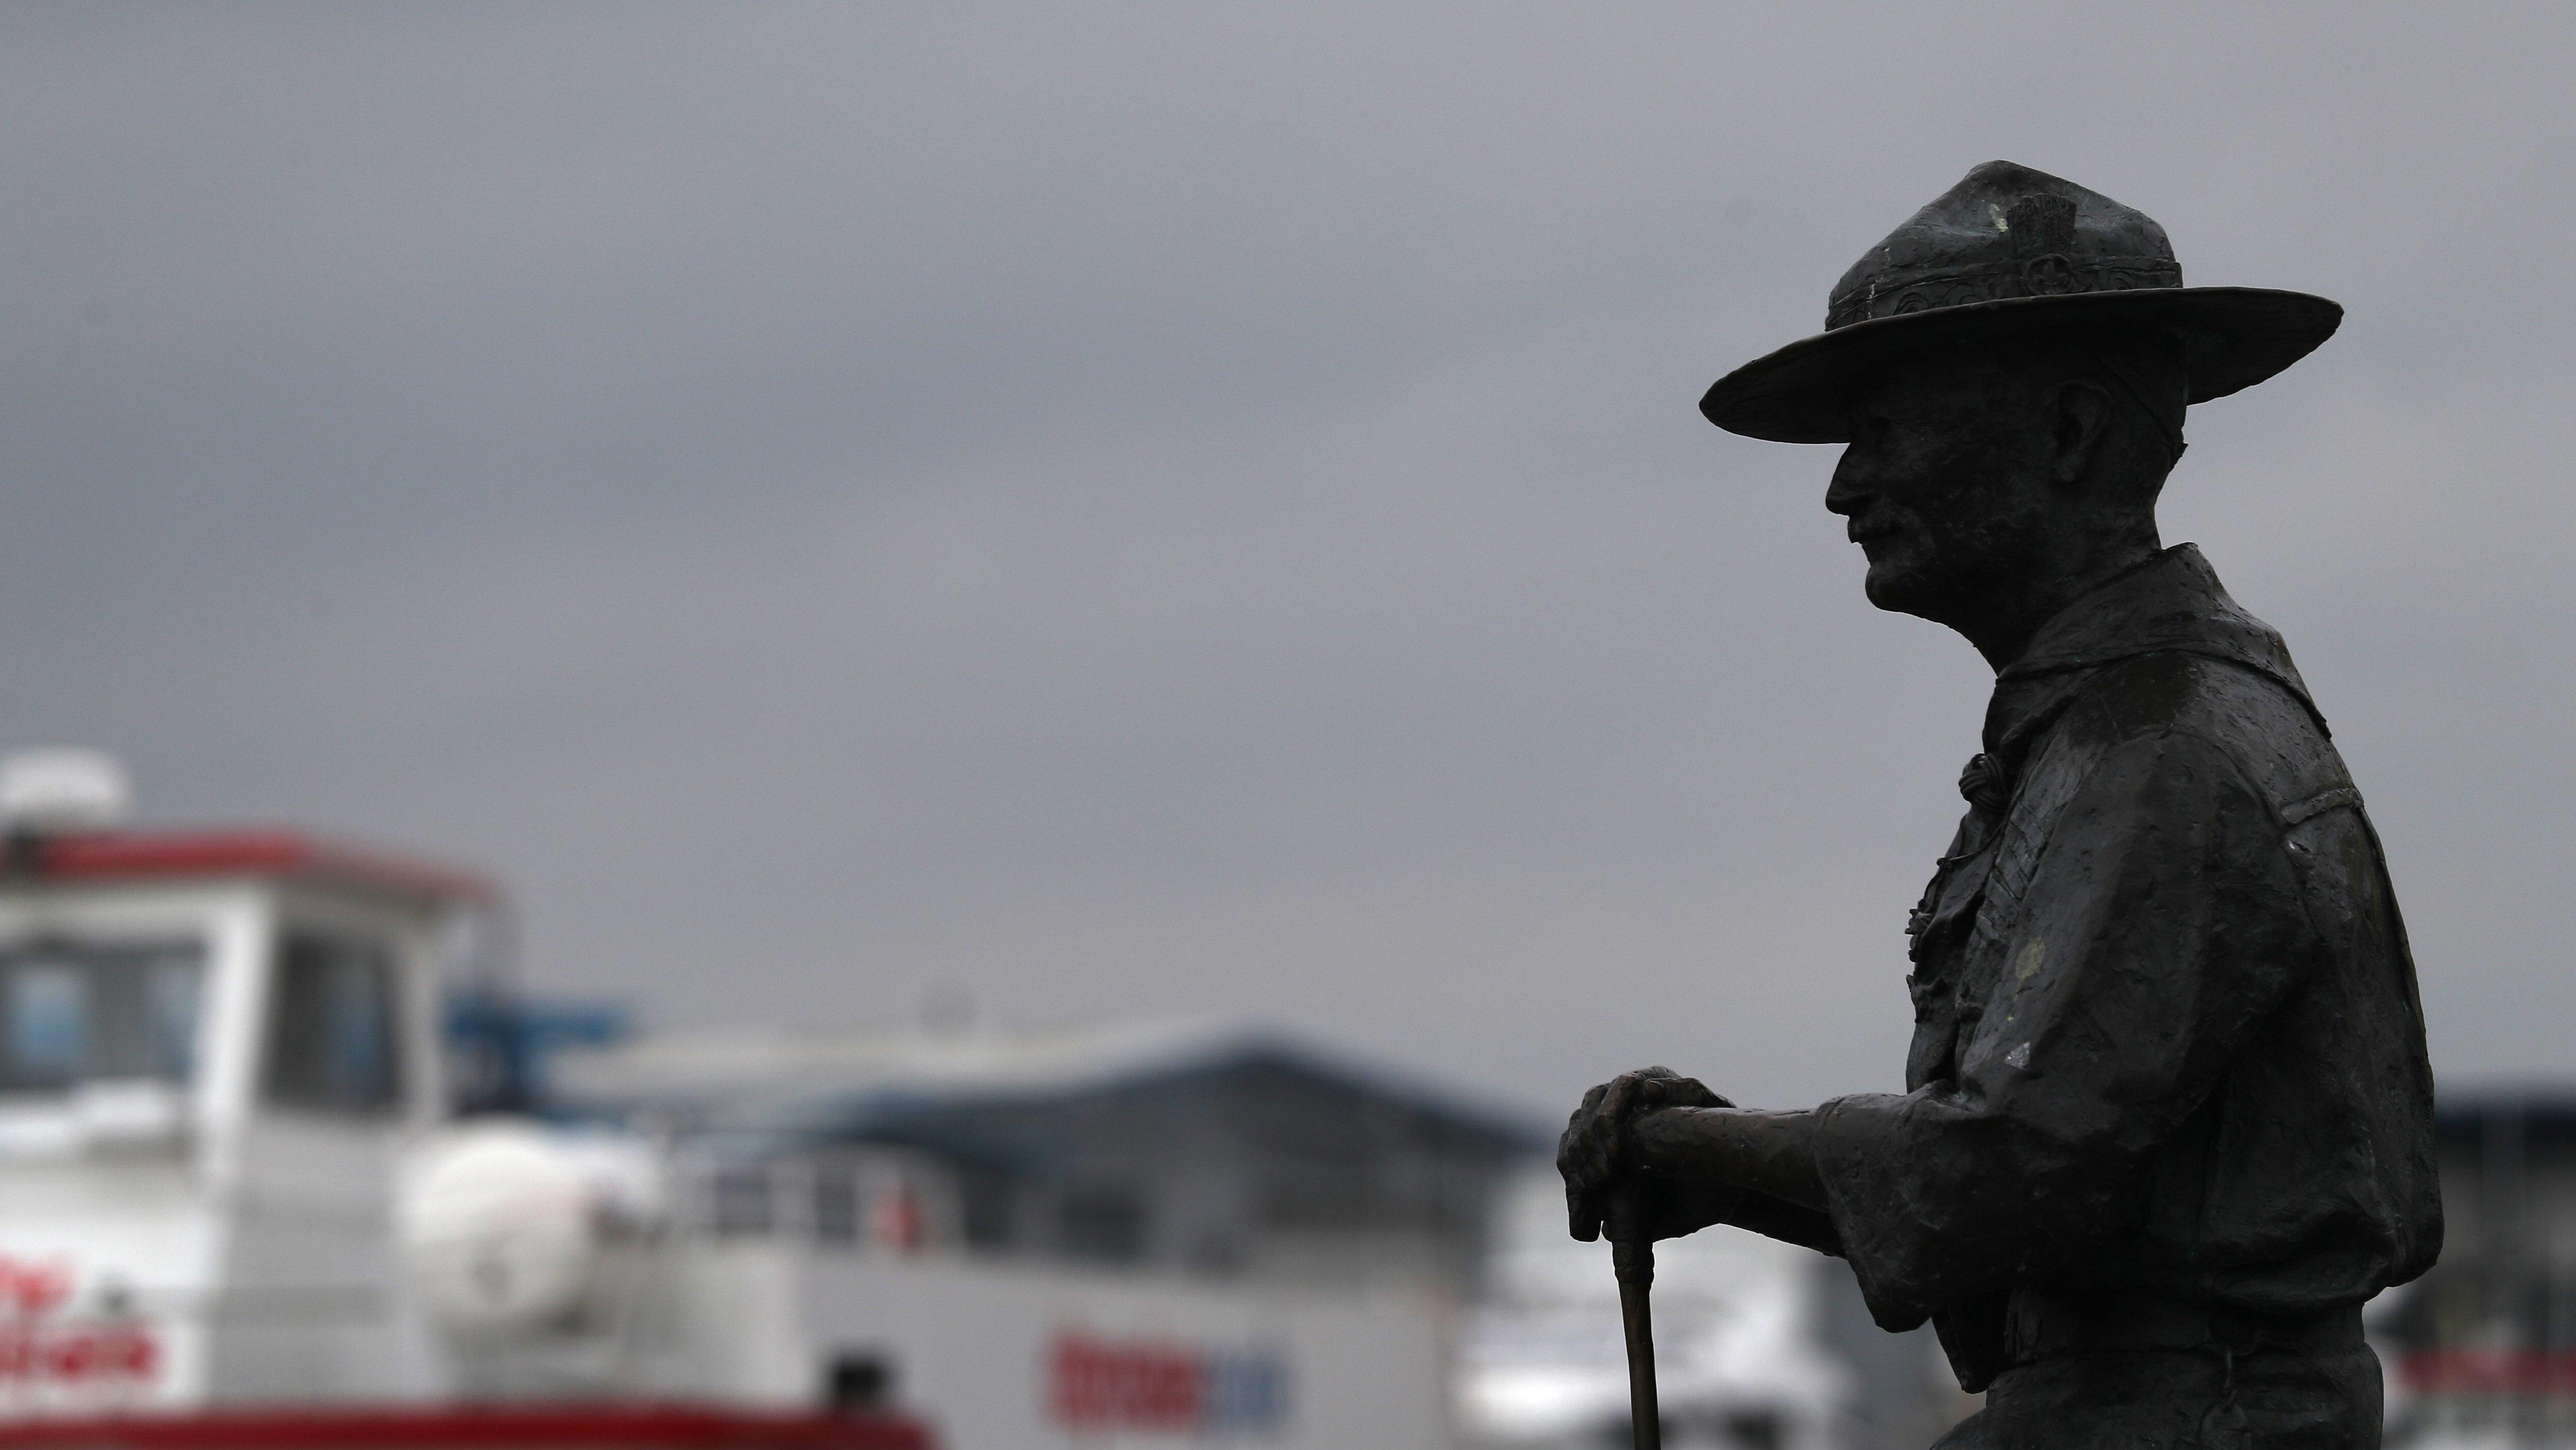 Crece la polémica en Reino Unido por las estatuas de personajes considerados racistas